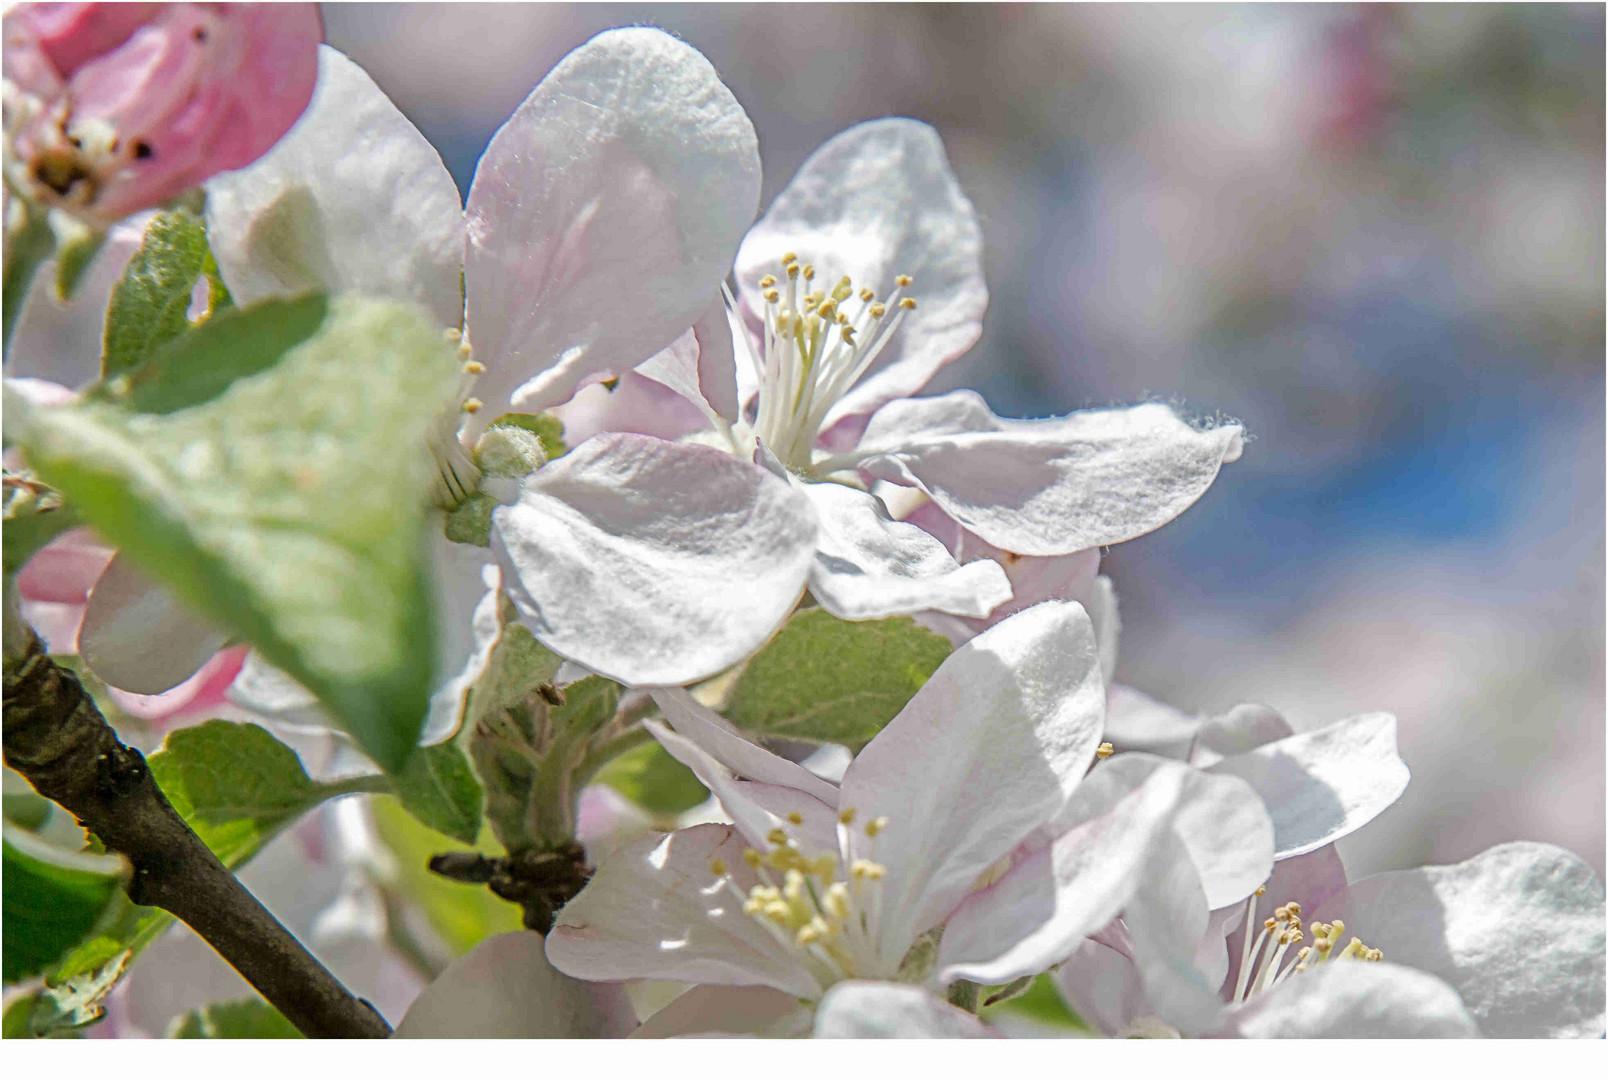 Obstblüte in der Sonne